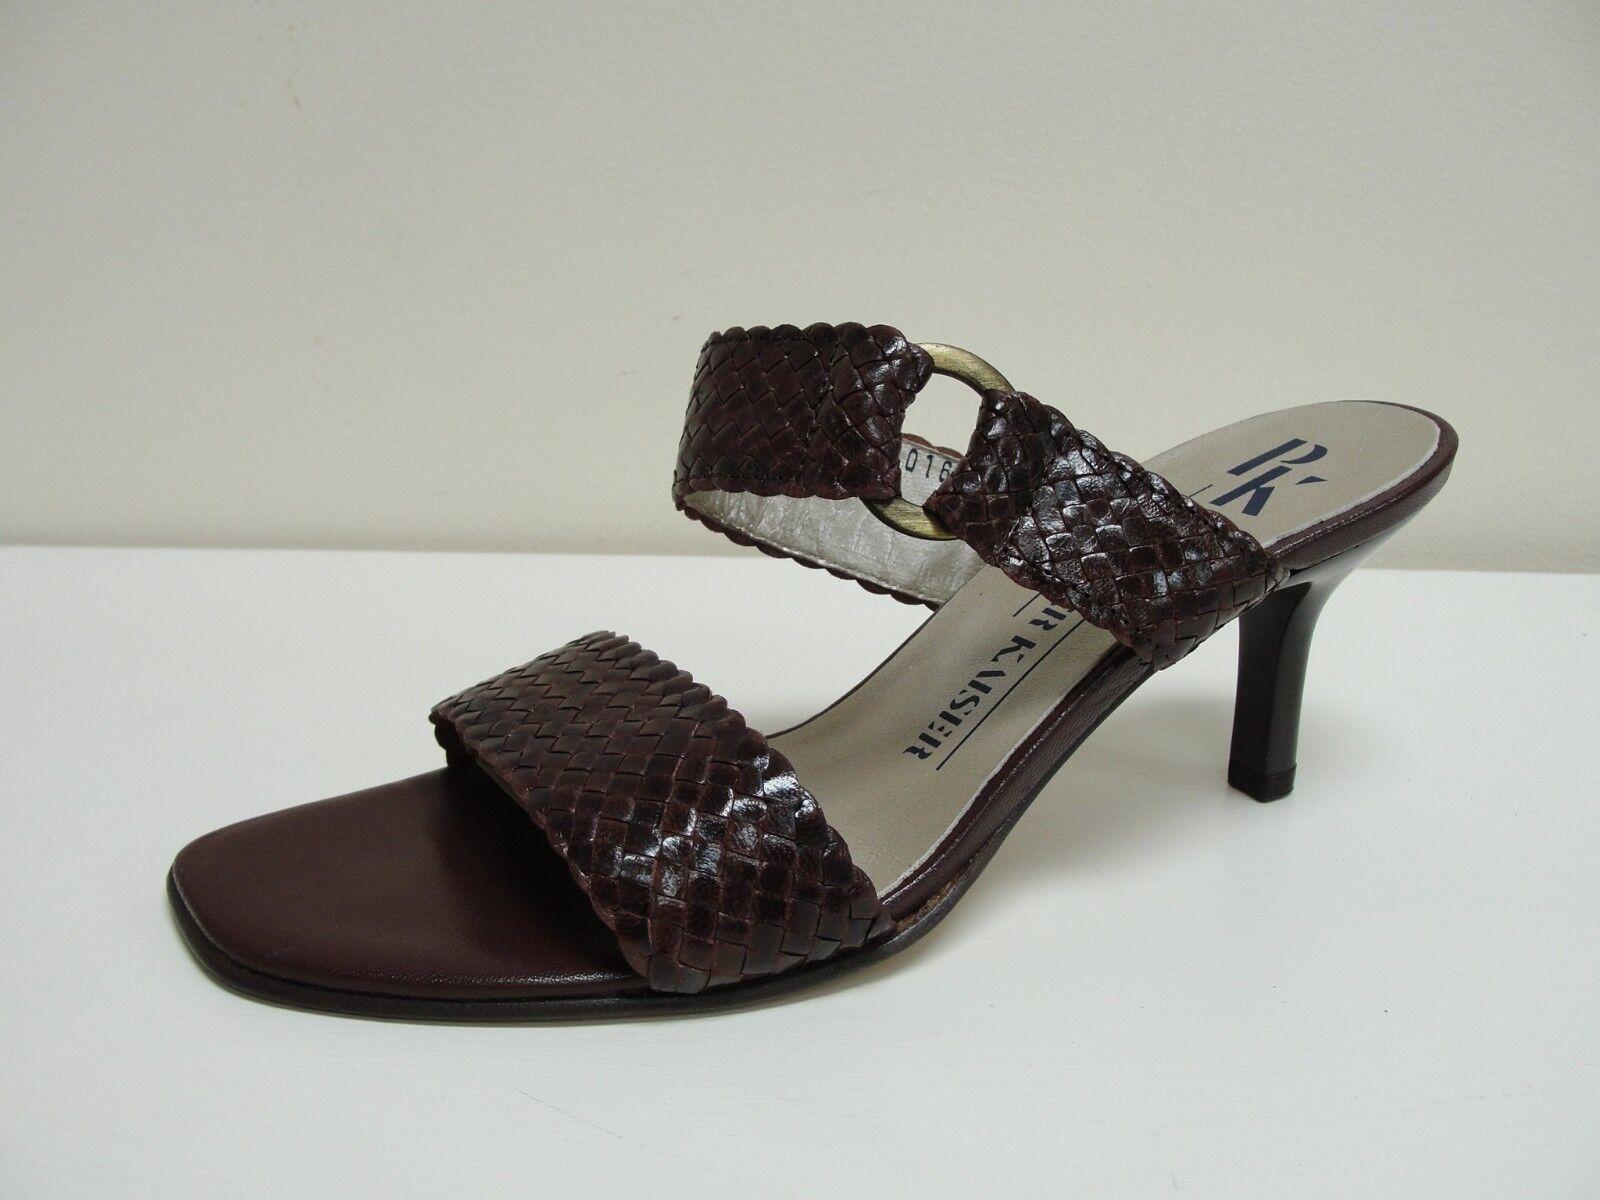 Peter Kaiser Lagune brown leather mules, UK 4.5/EU 37.5, RRP £75 ,BNWB